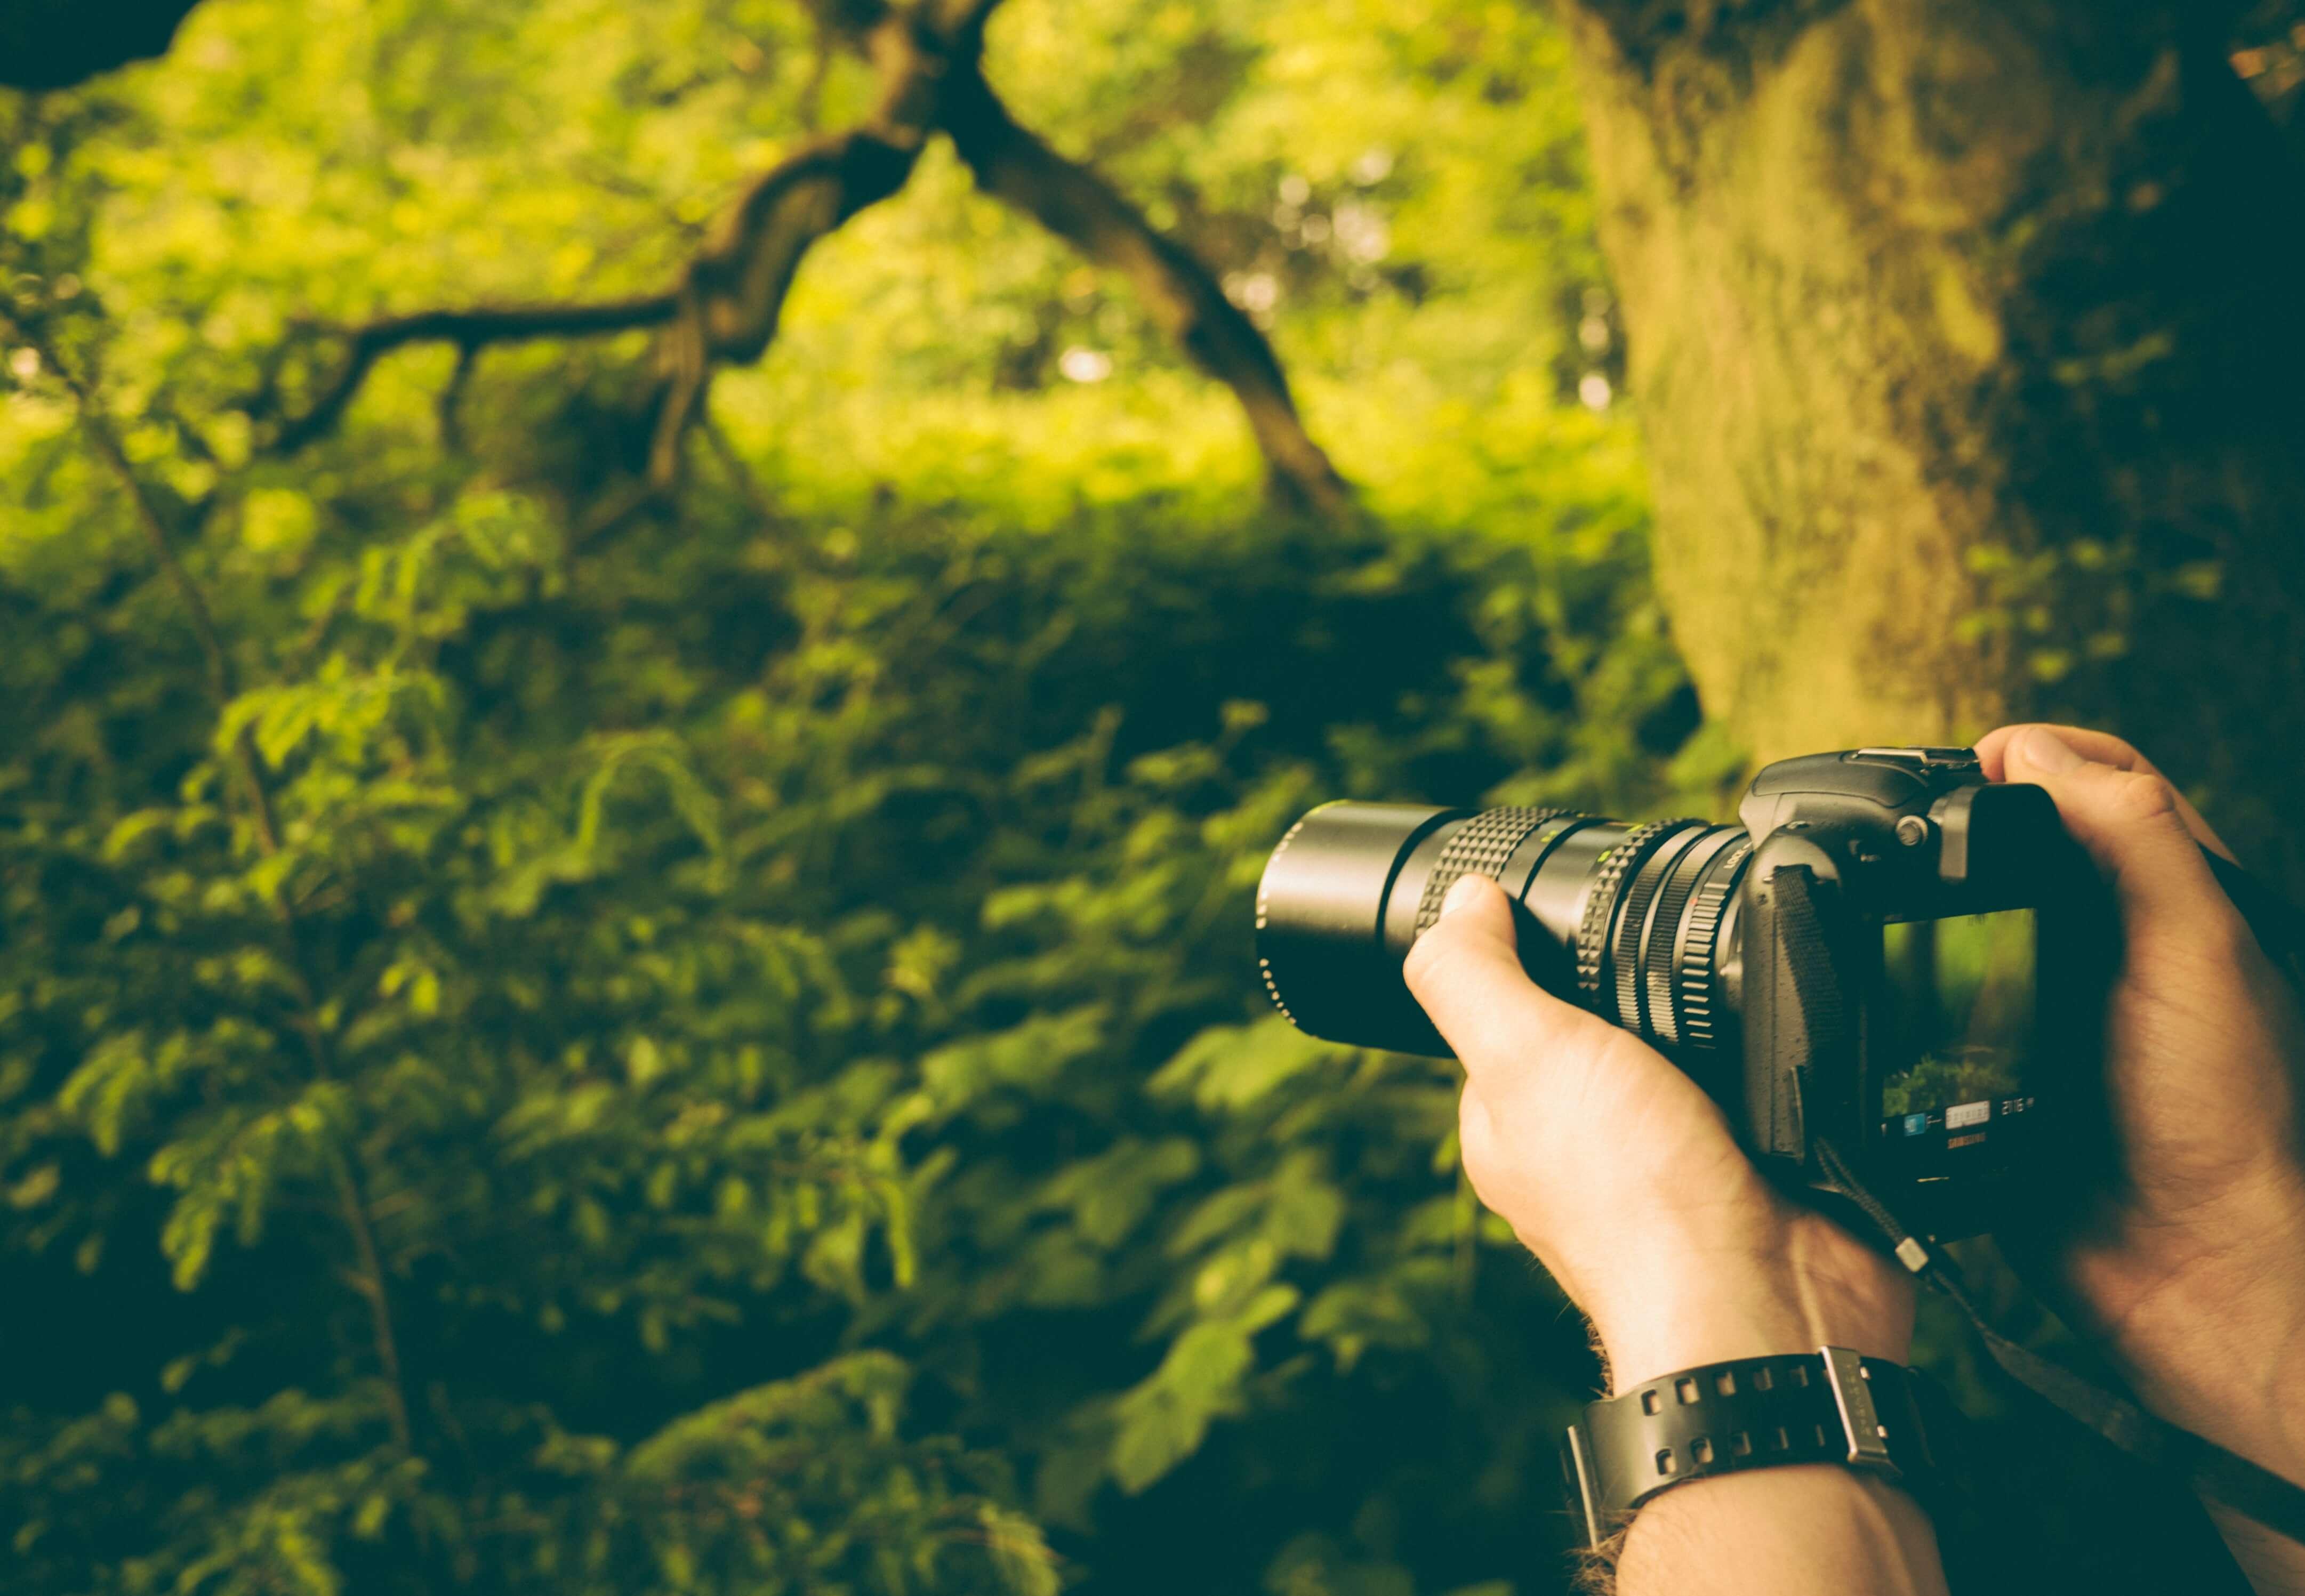 動画撮影はビデオカメラと一眼レフどっち?今は一眼ムービーが当たり前?